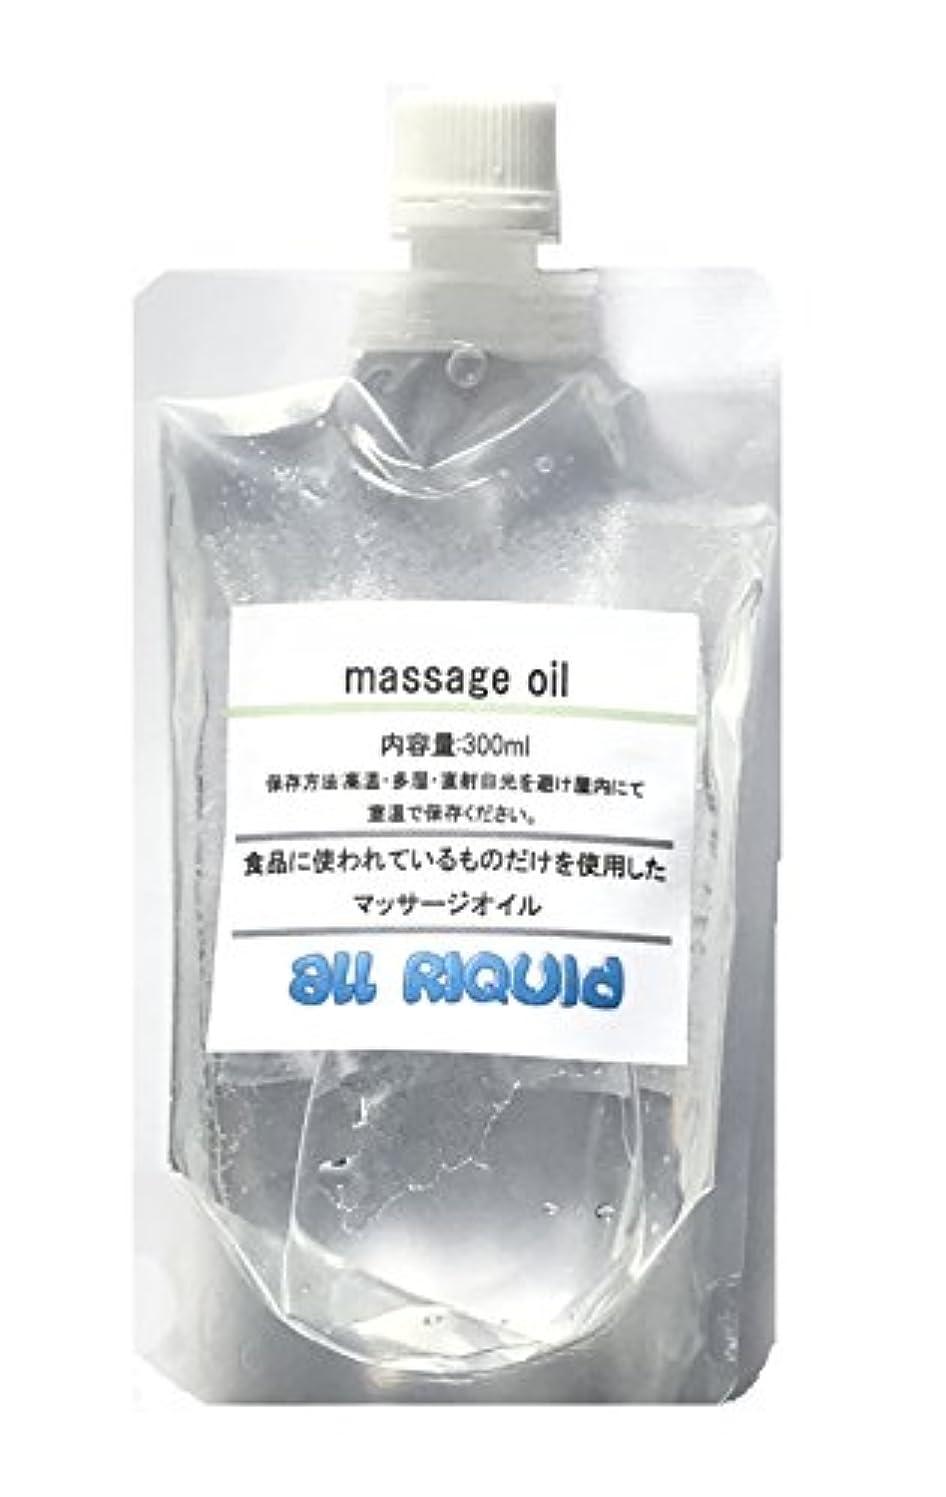 まだら異なるインペリアル(国産) 食品に使われているものしか入っていないアロママッサージオイル あま~い メープルオイル入り オールリキッド製 300ml (グリセリン クエン酸)配合 大容量